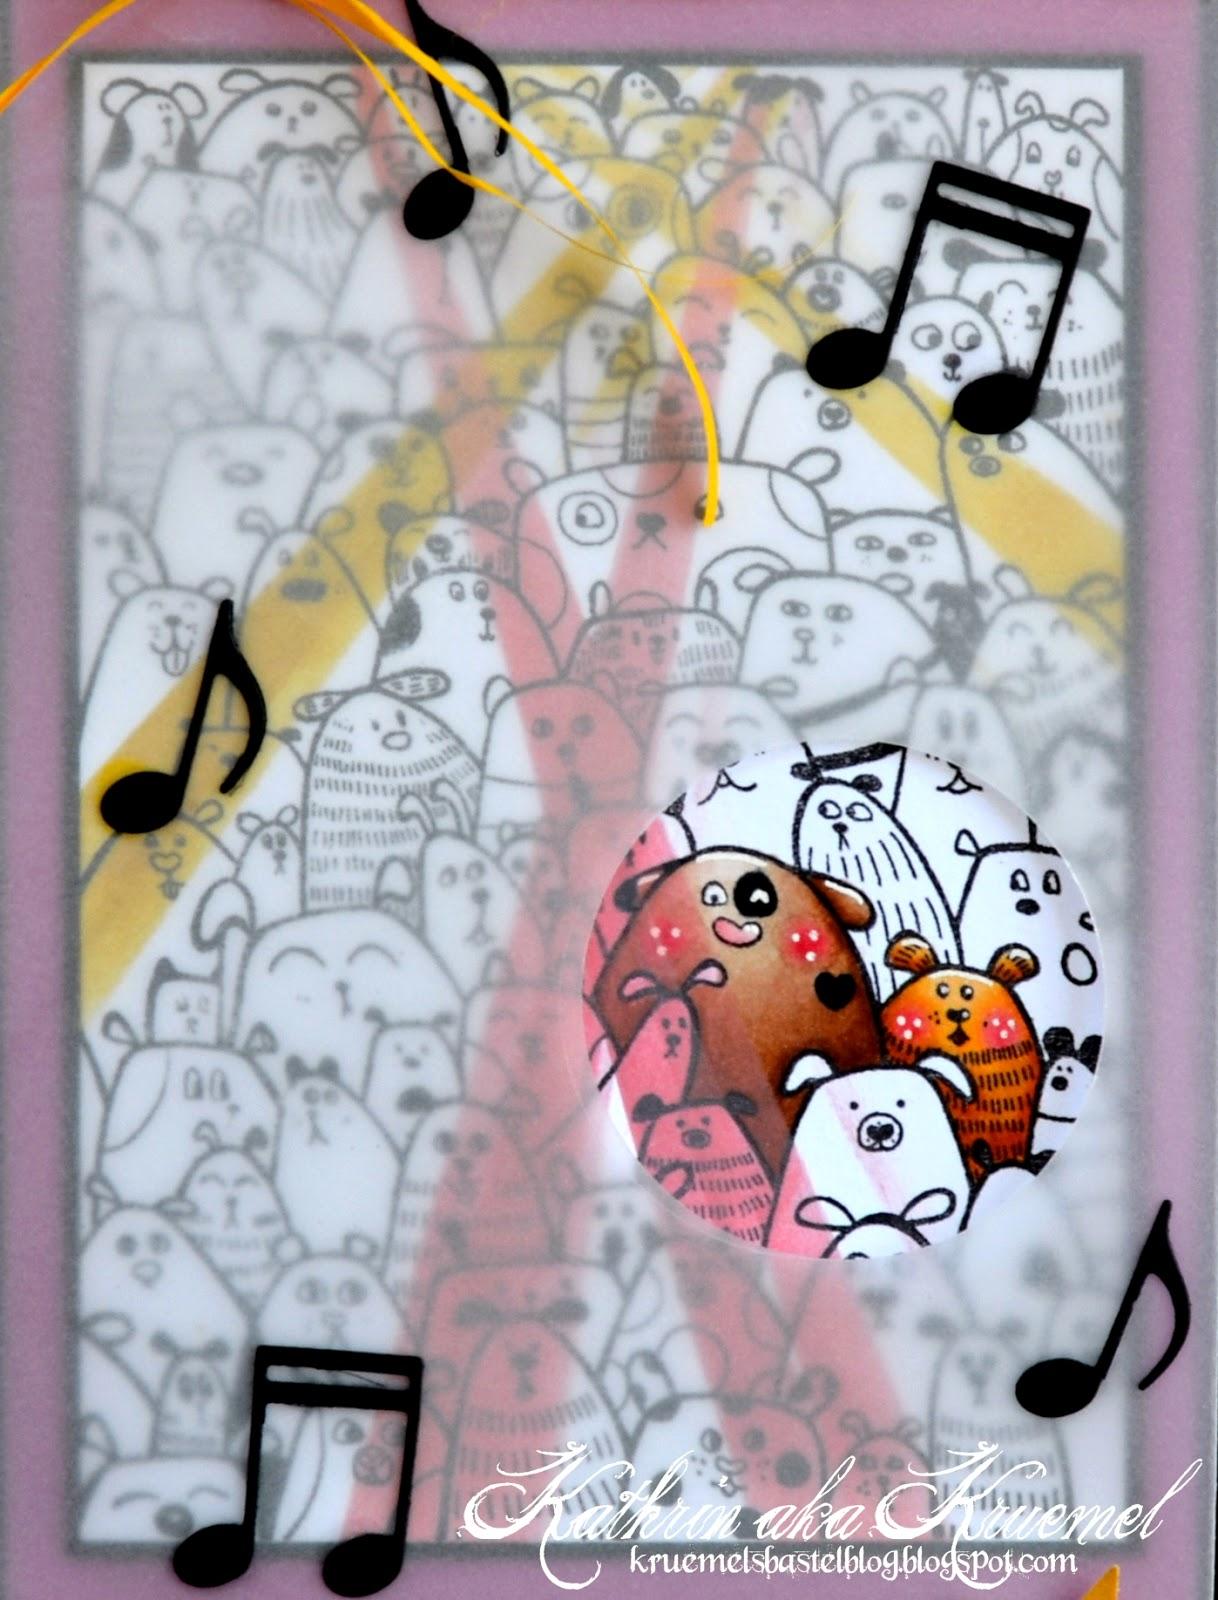 Kruemels Bastel-Blog: Eine Konzertkarten-Verpackung